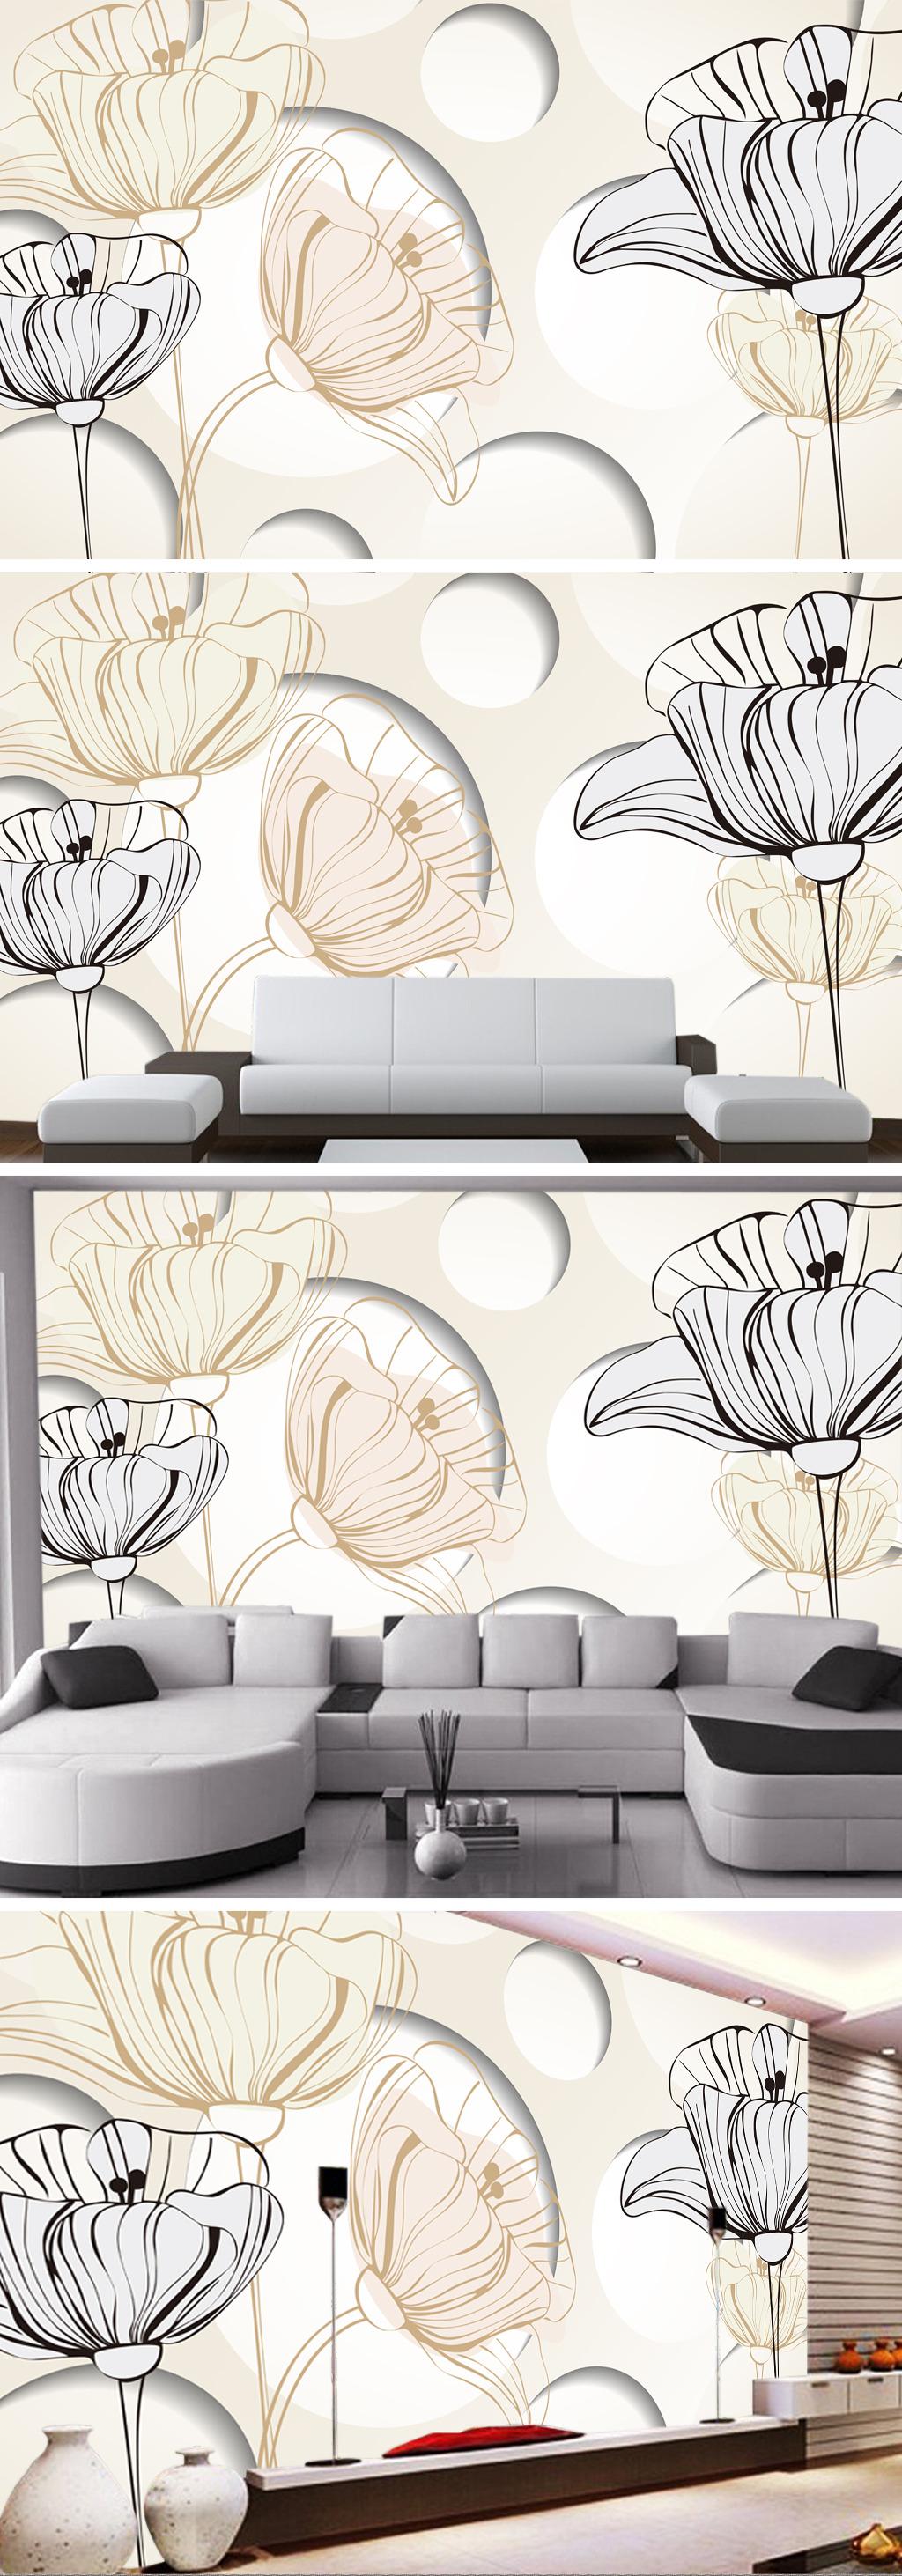 线条 淡雅手绘 花朵线稿彩绘线条线描花卉 3d 精美 浪漫 现代 时尚